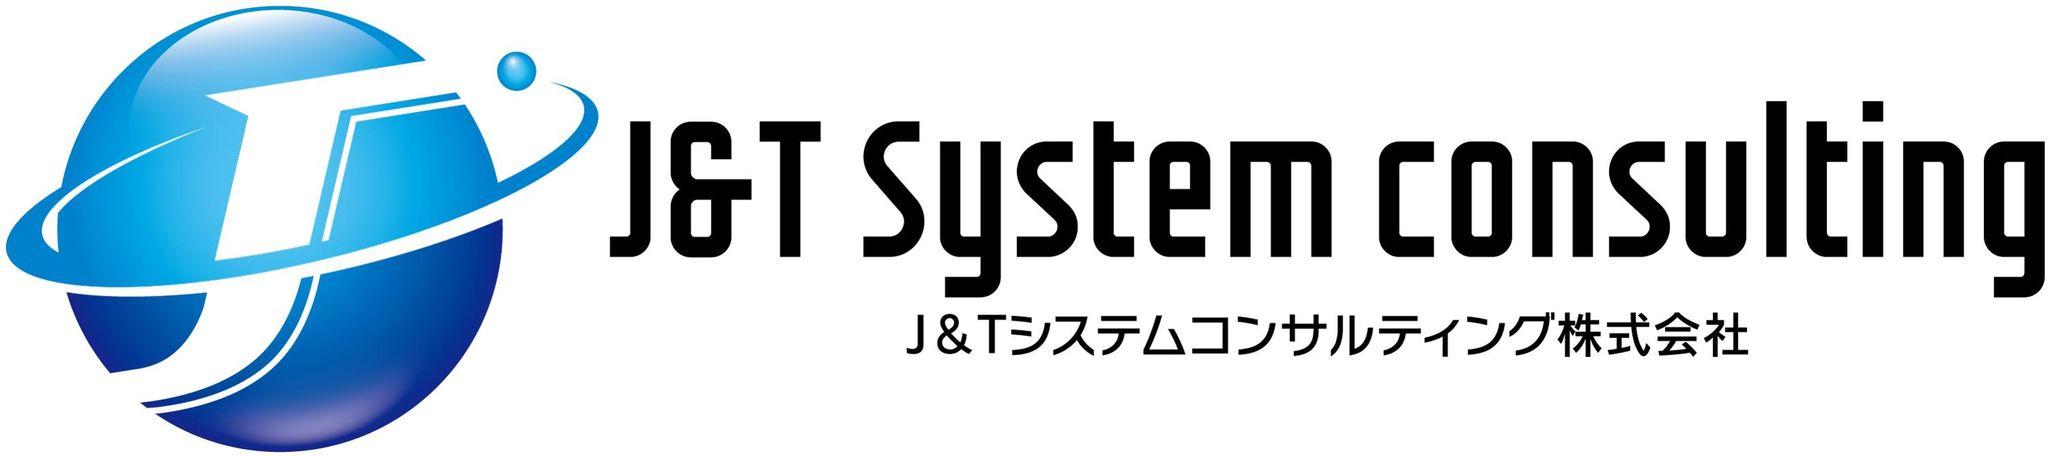 J&Tシステムコンサルティング